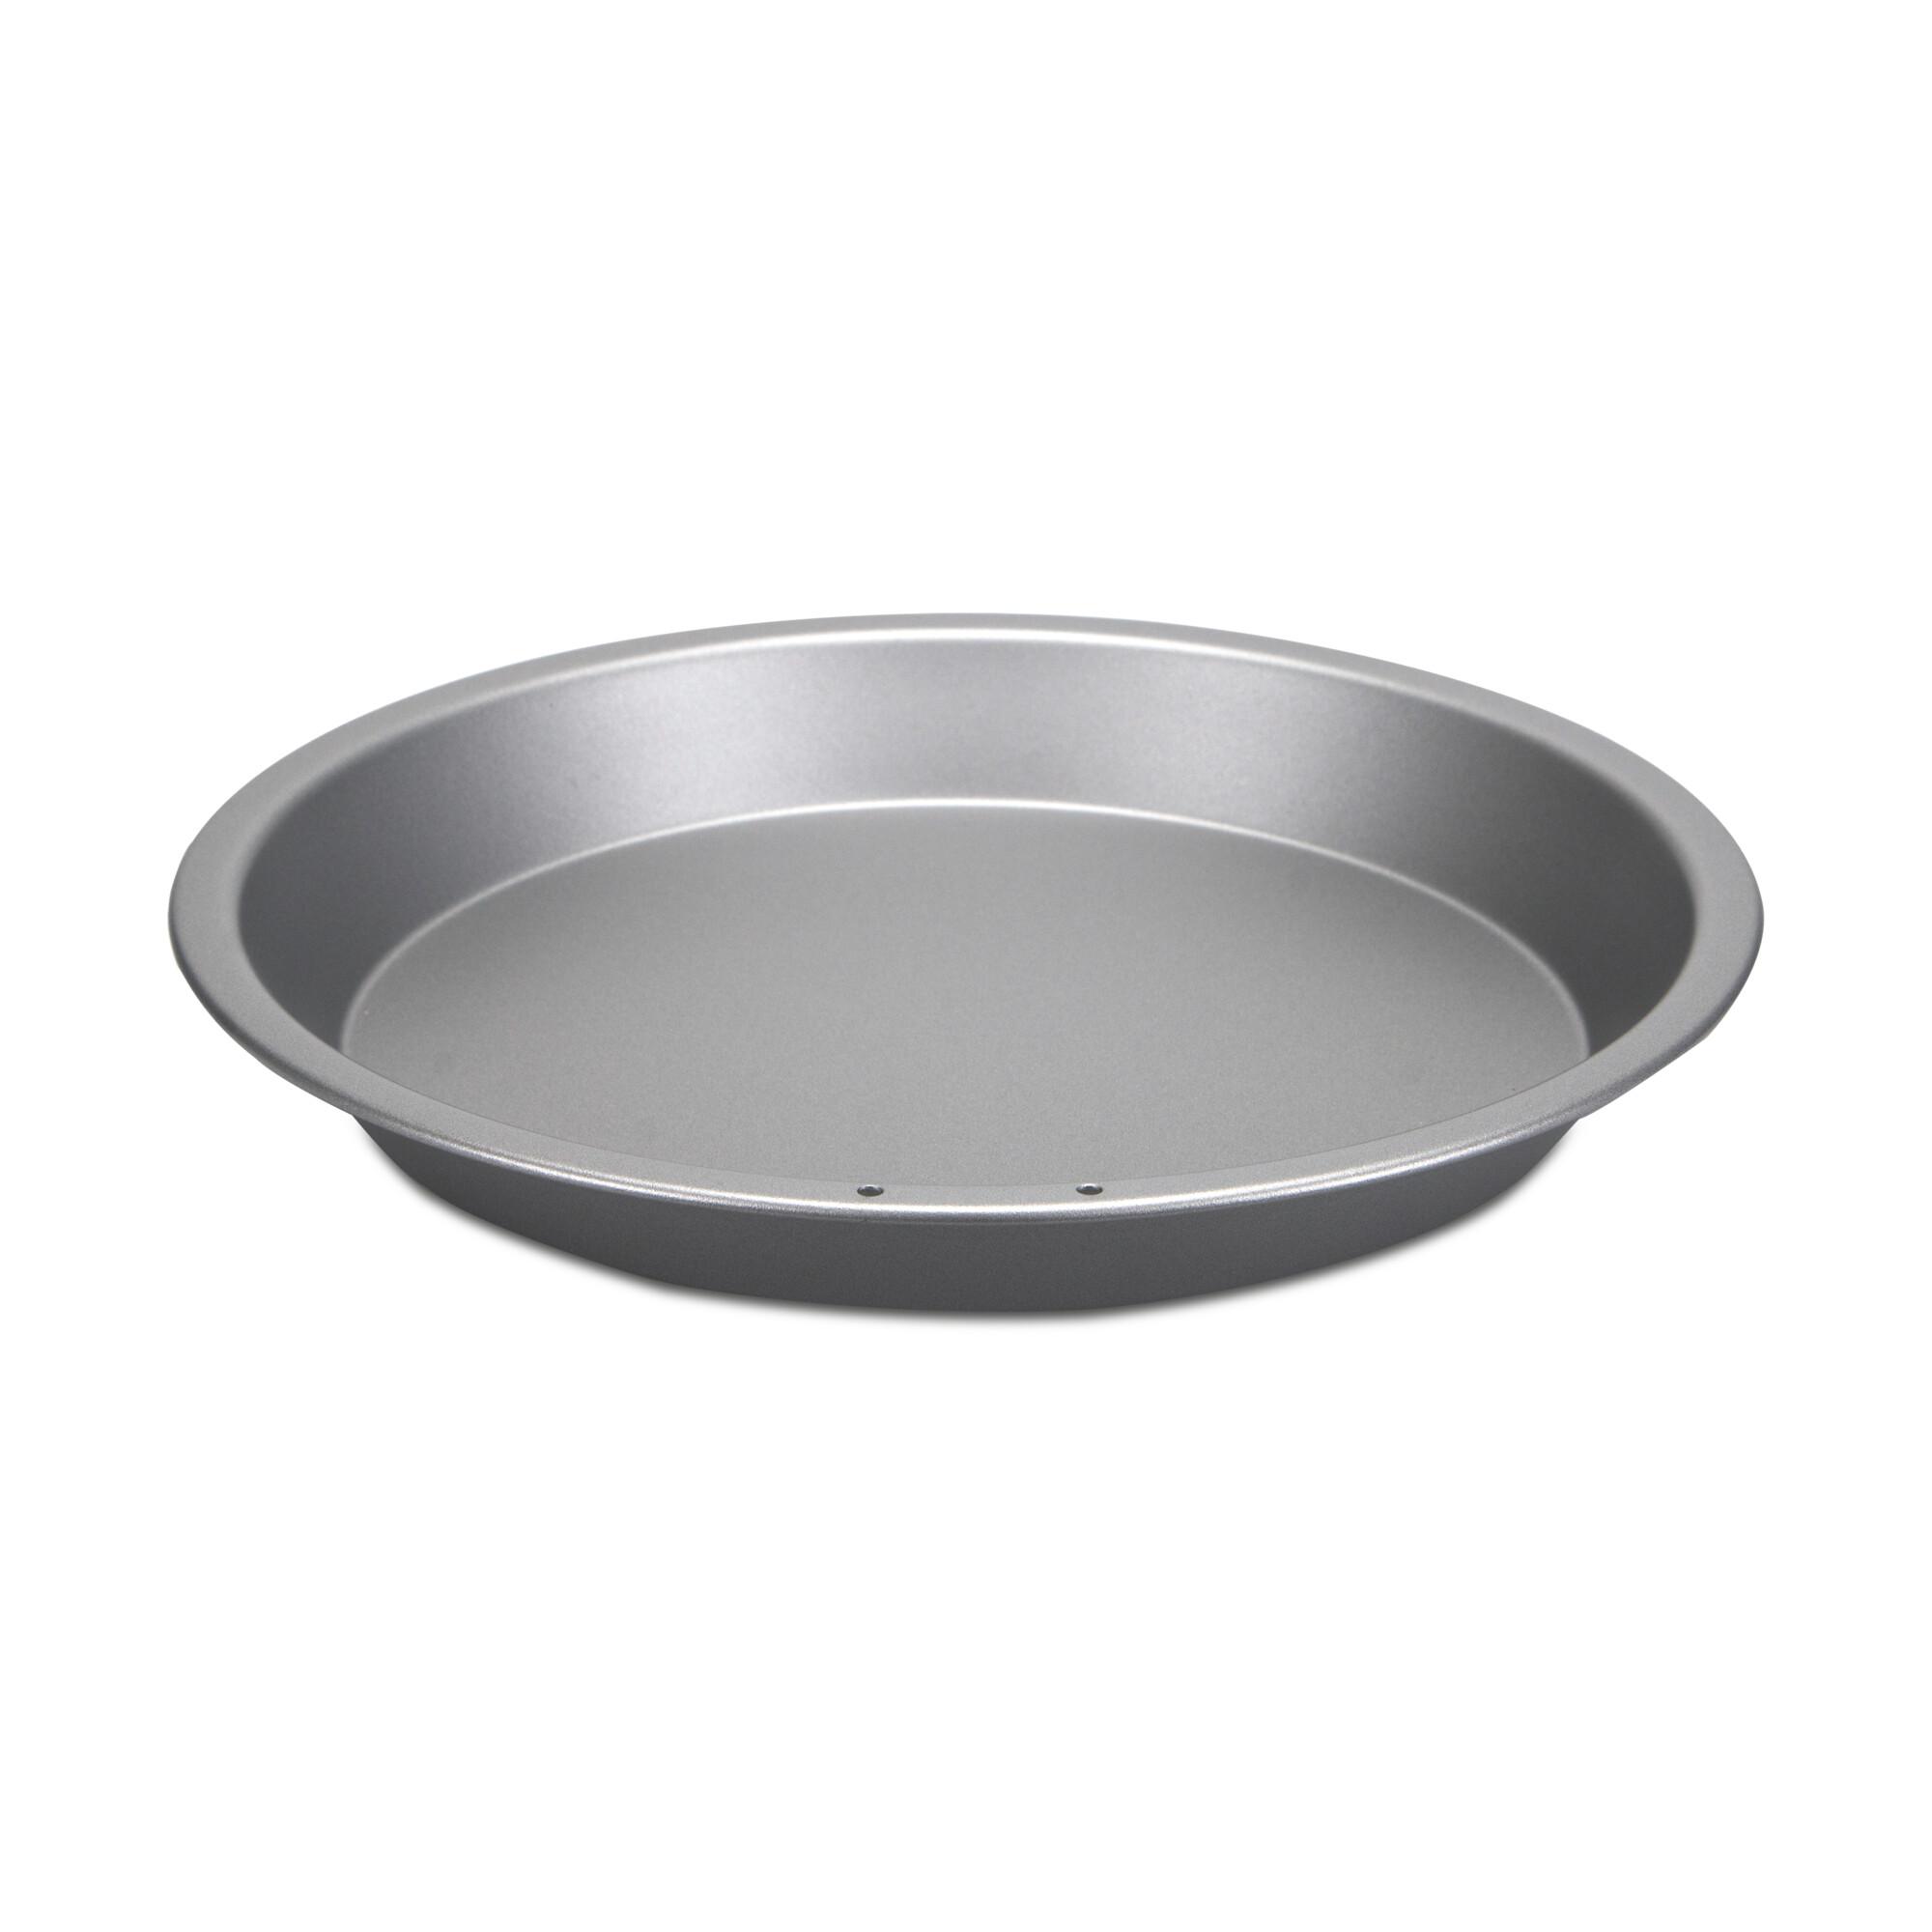 we love baking - Kuchenform / Tarteform - mit festem Boden und schrägem Rand